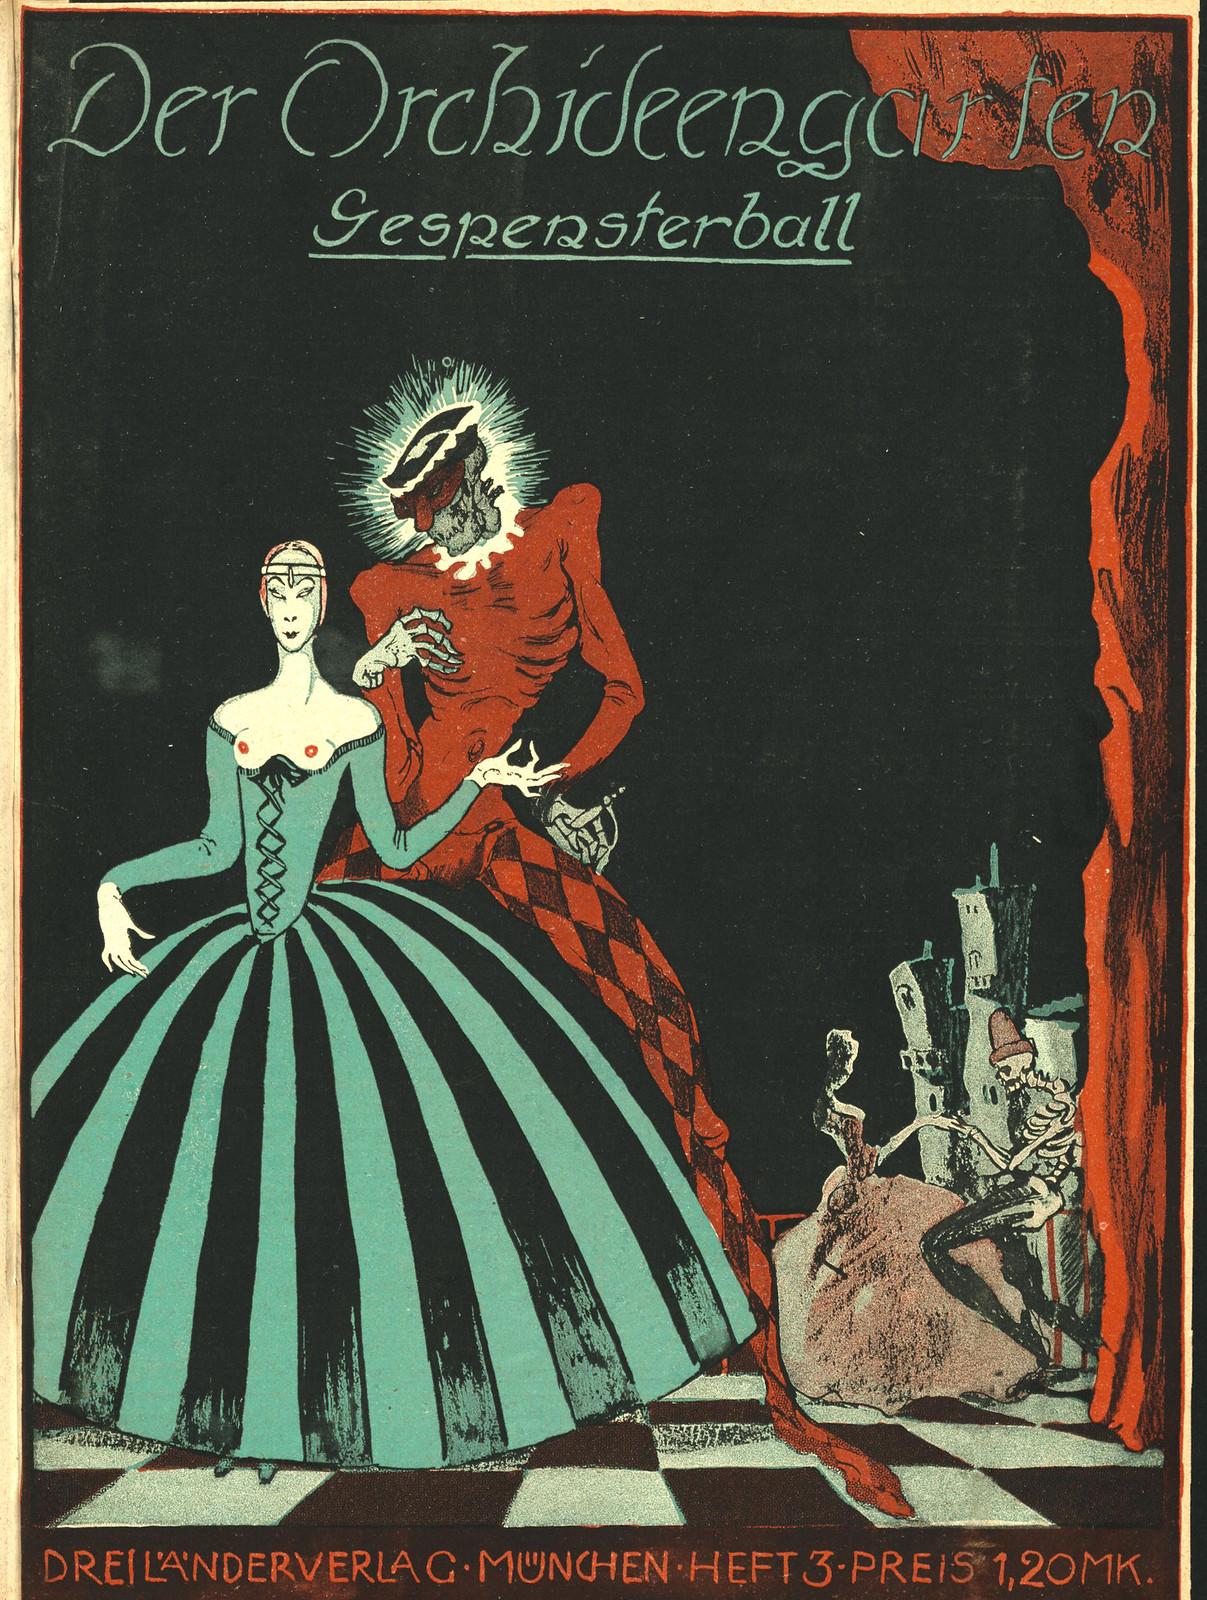 Der Orchideengarten - 1920 (Cover 3)